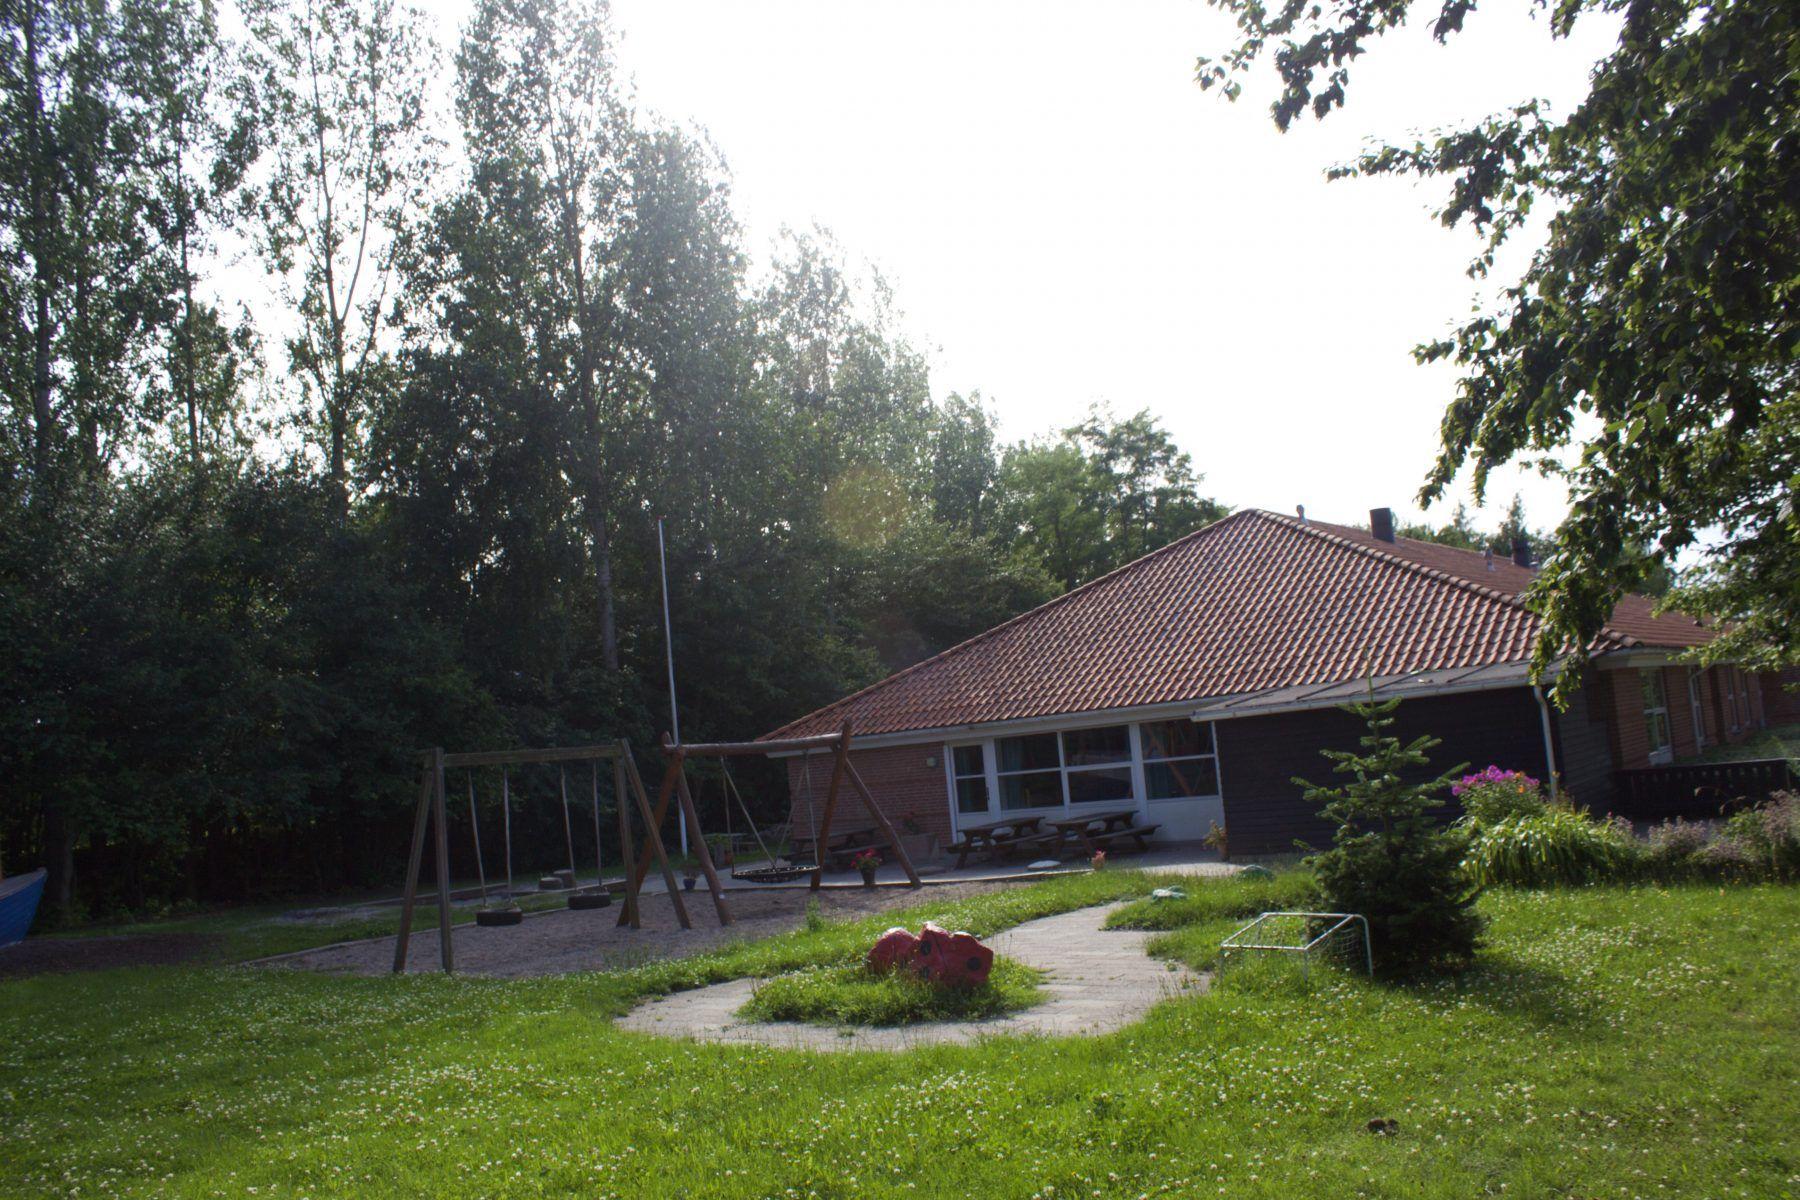 Børnehuset Tryllefløjten i Ølstykke – Egedal Kommune